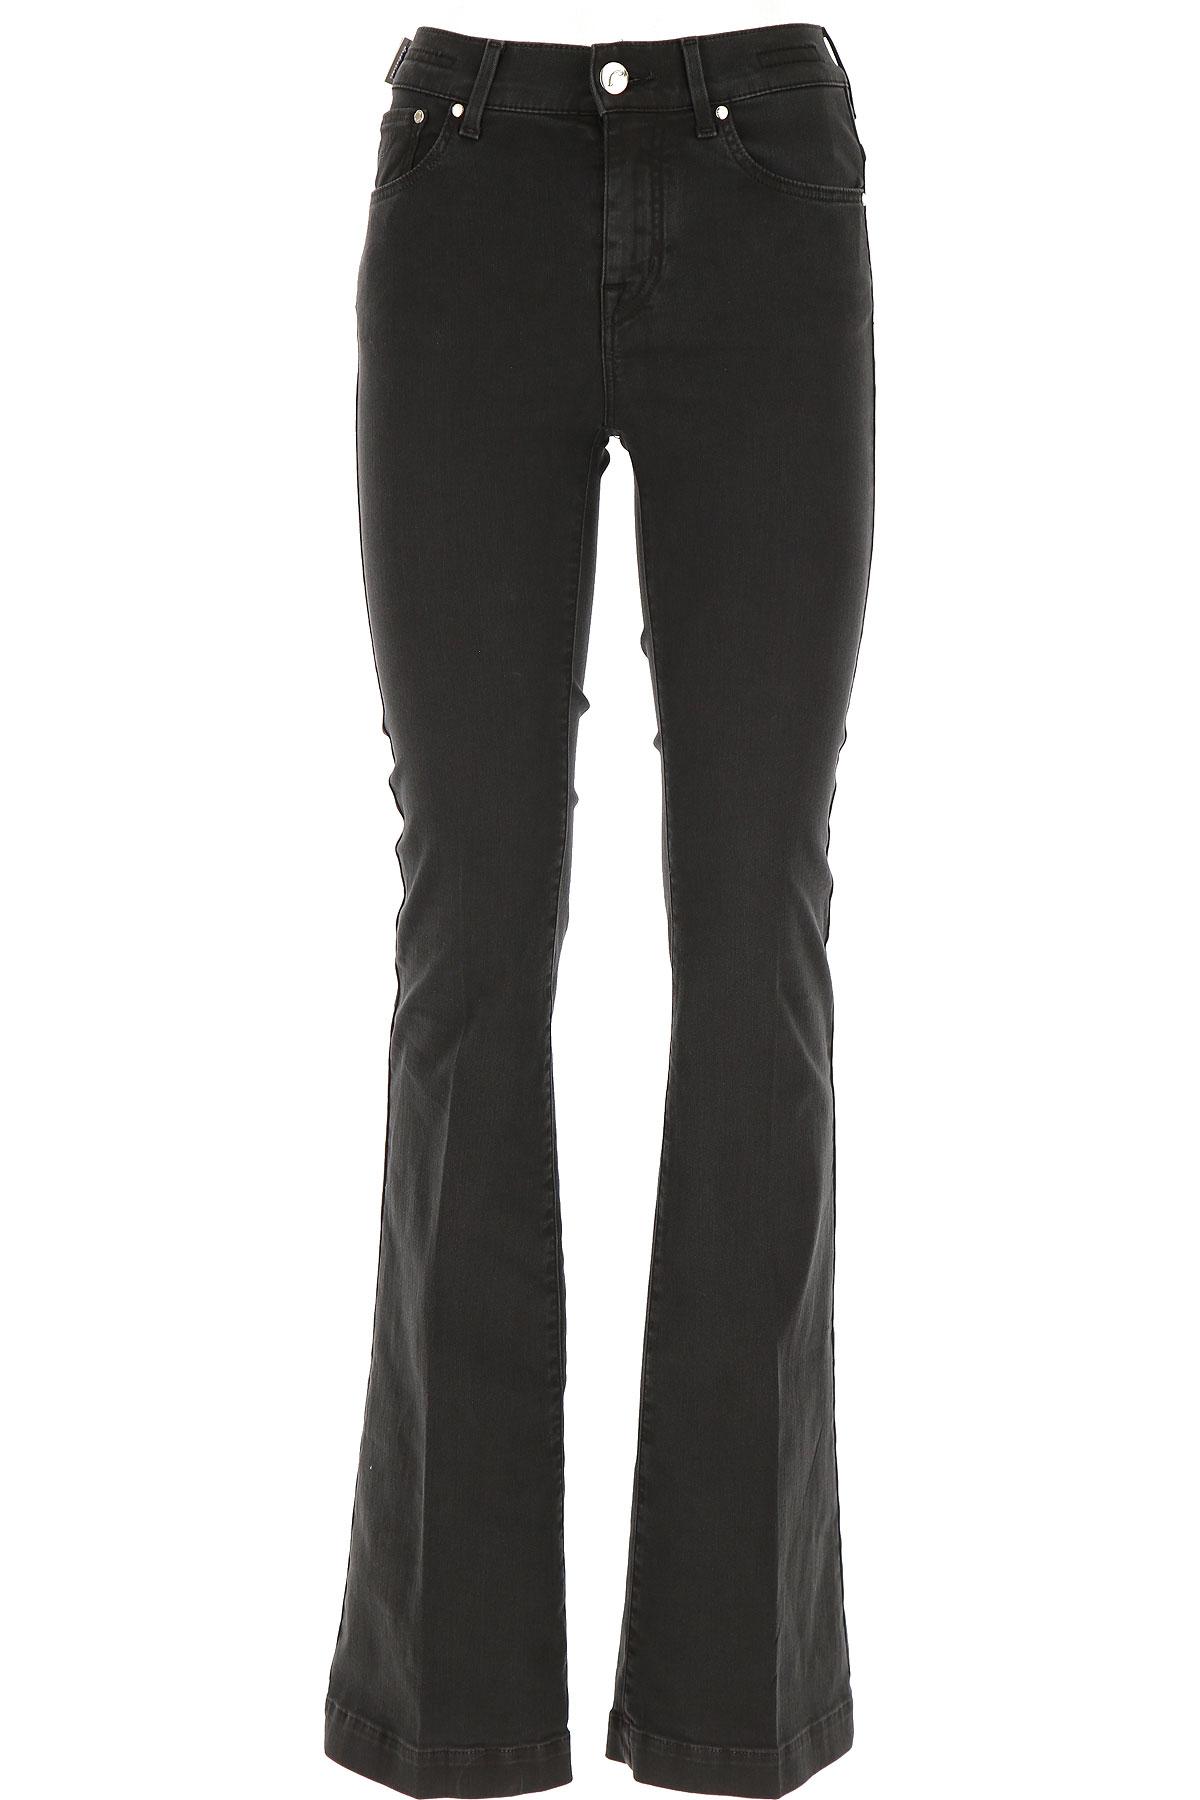 Jacob Cohen Jeans On Sale, Black, Cotton, 2019, 26 27 28 29 30 31 32 33